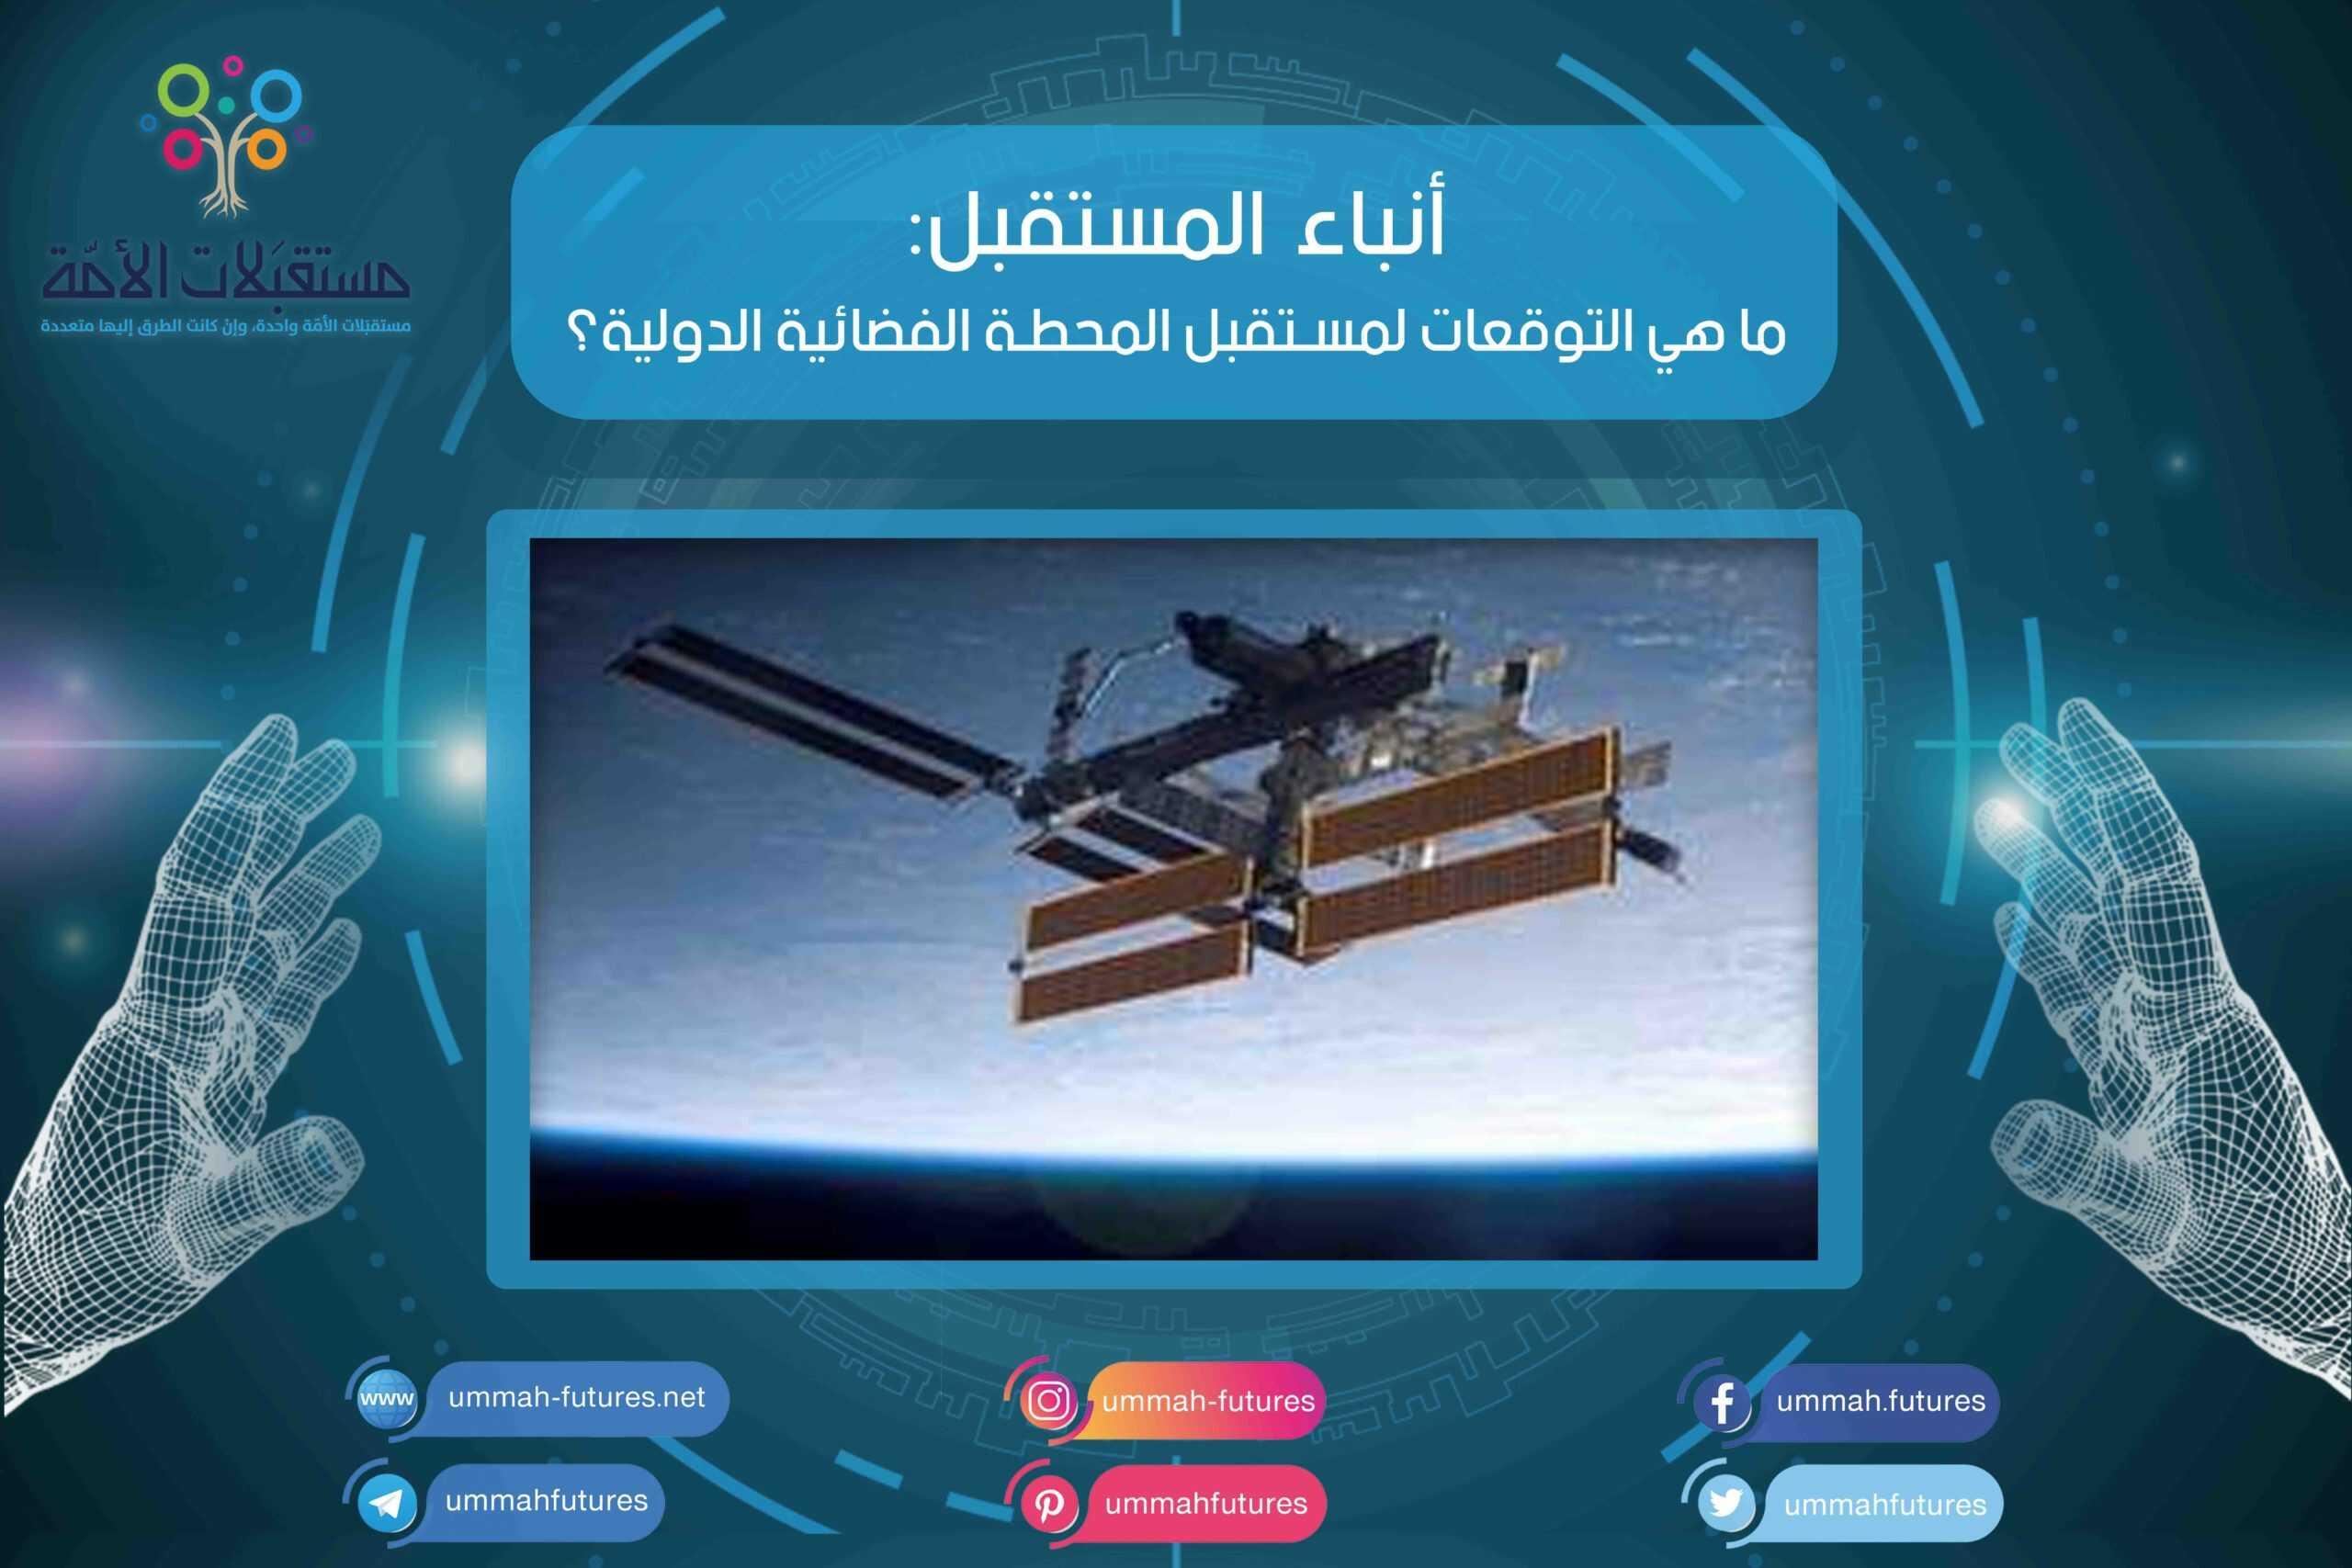 ما هي التوقعات لمستقبل المحطة الفضائية الدولية؟